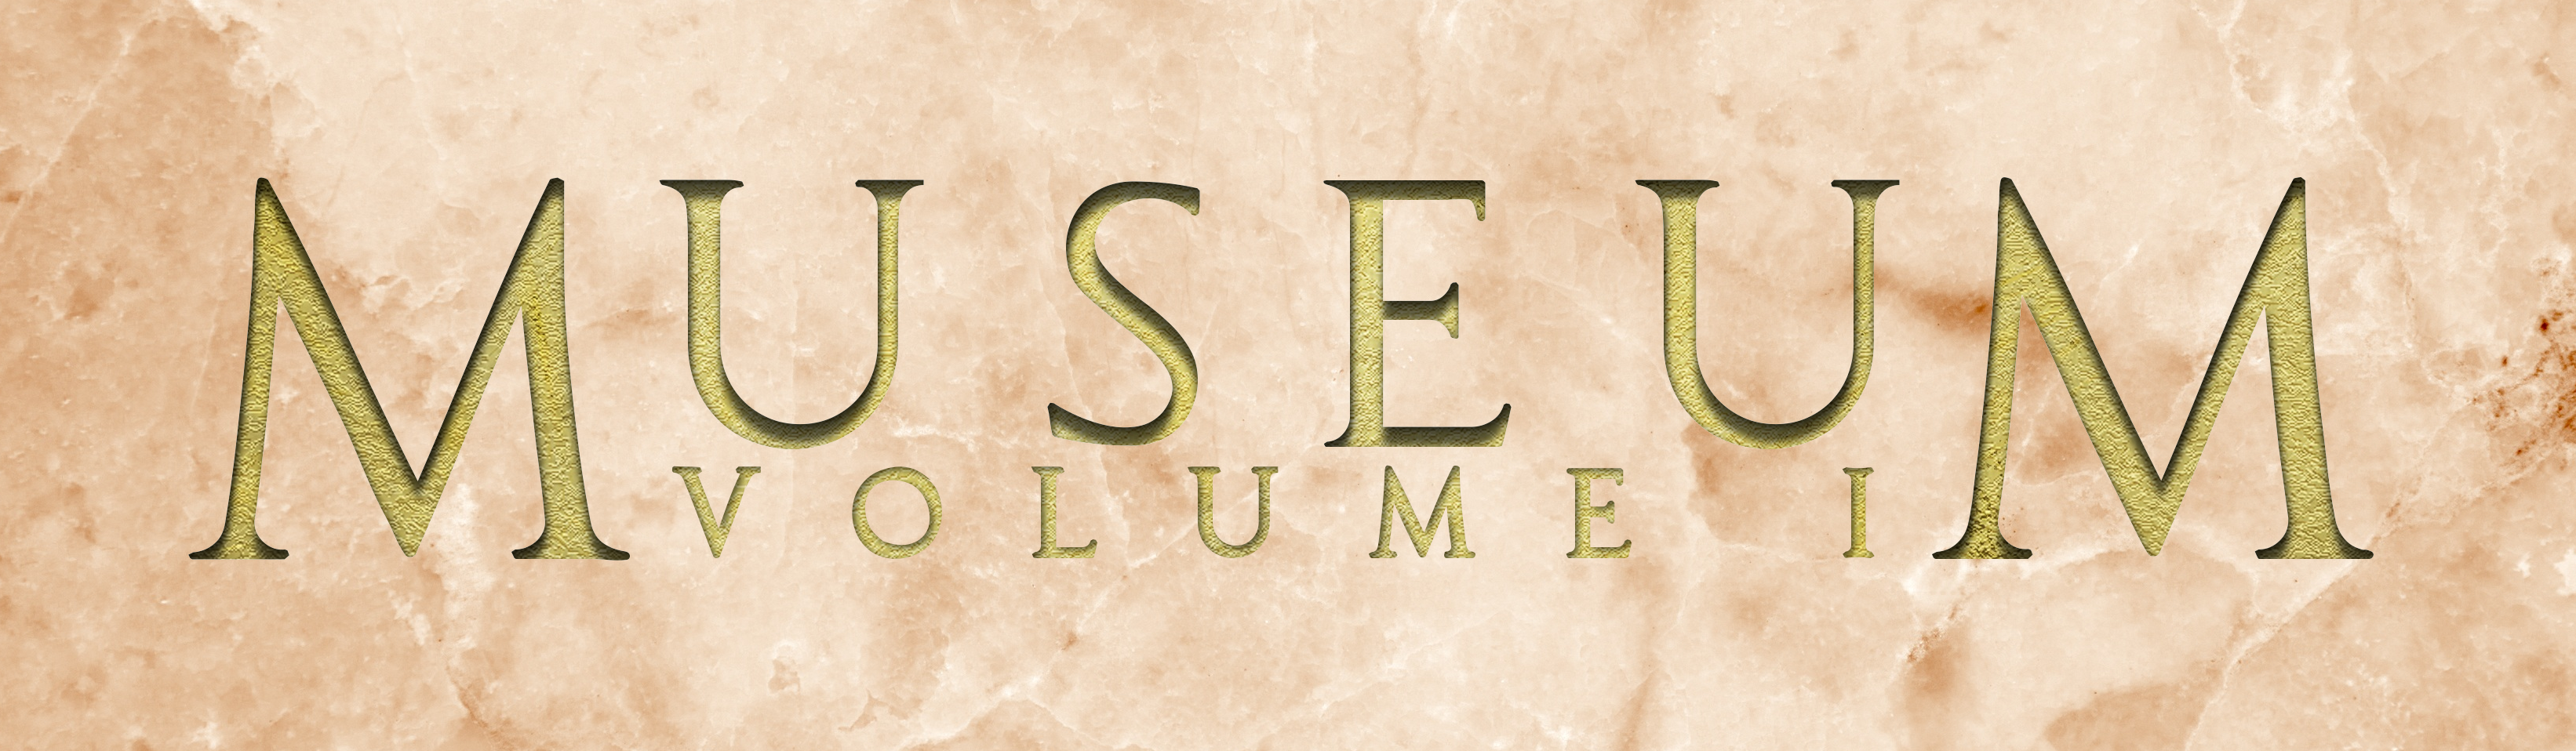 MUSEUM VOLUME I